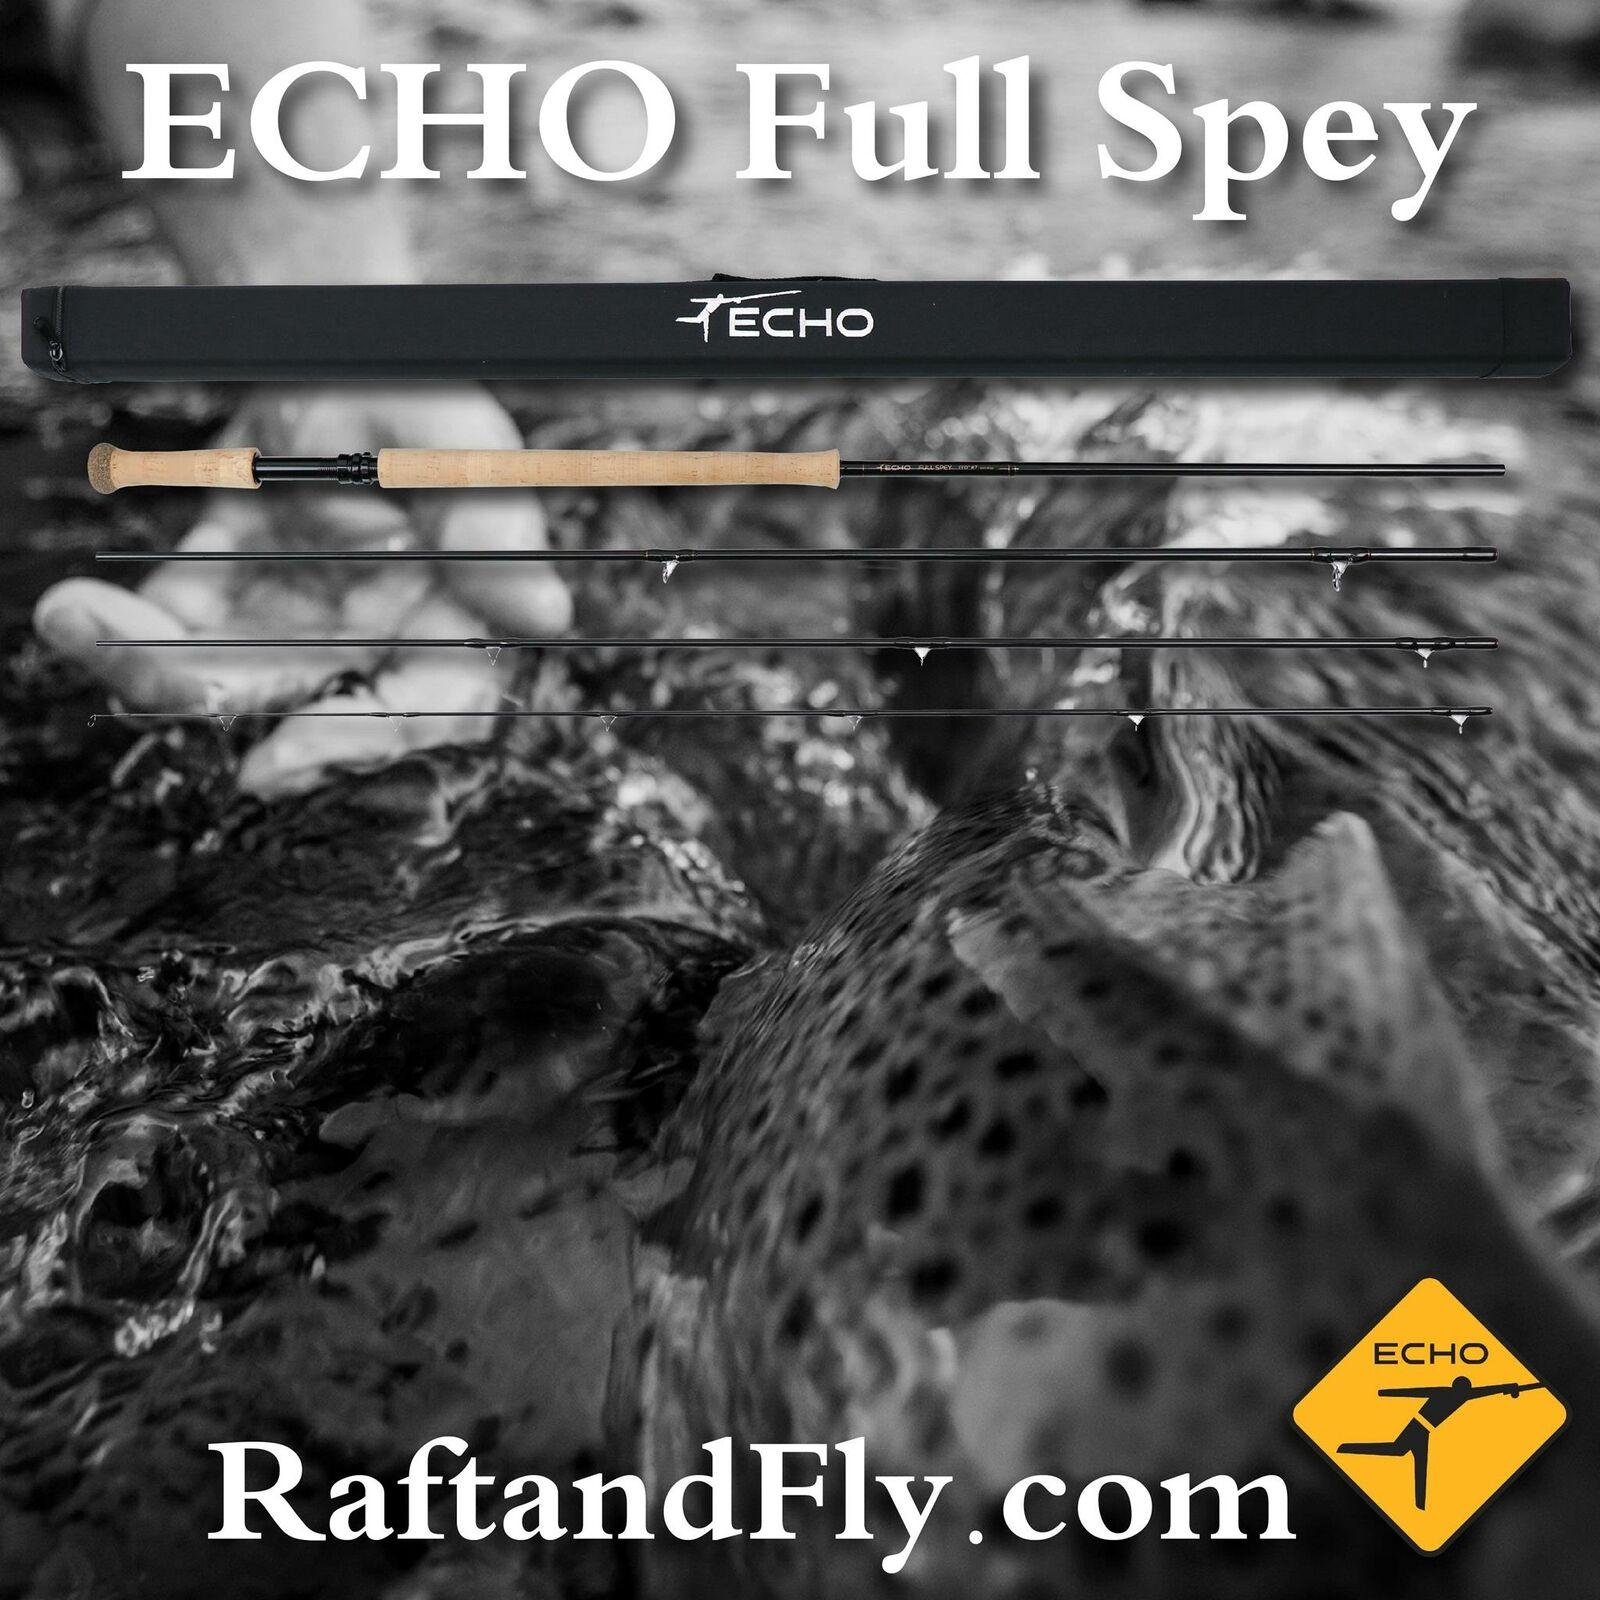 ECHO Full Spey 6wt 13'0  Lifetime Warranty  Free Shipping